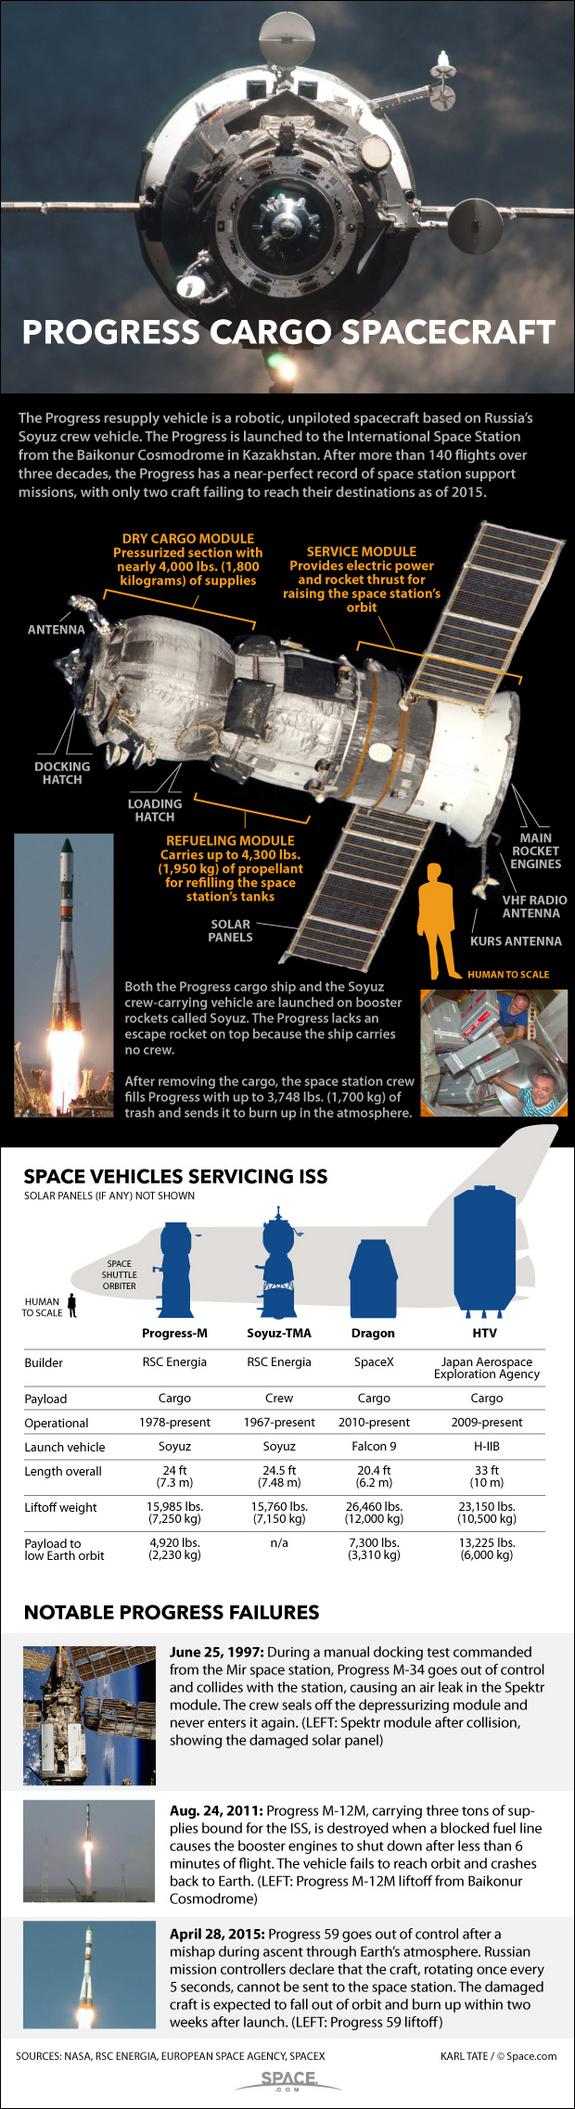 Infographie sur les cargos Progress (© Space.com)